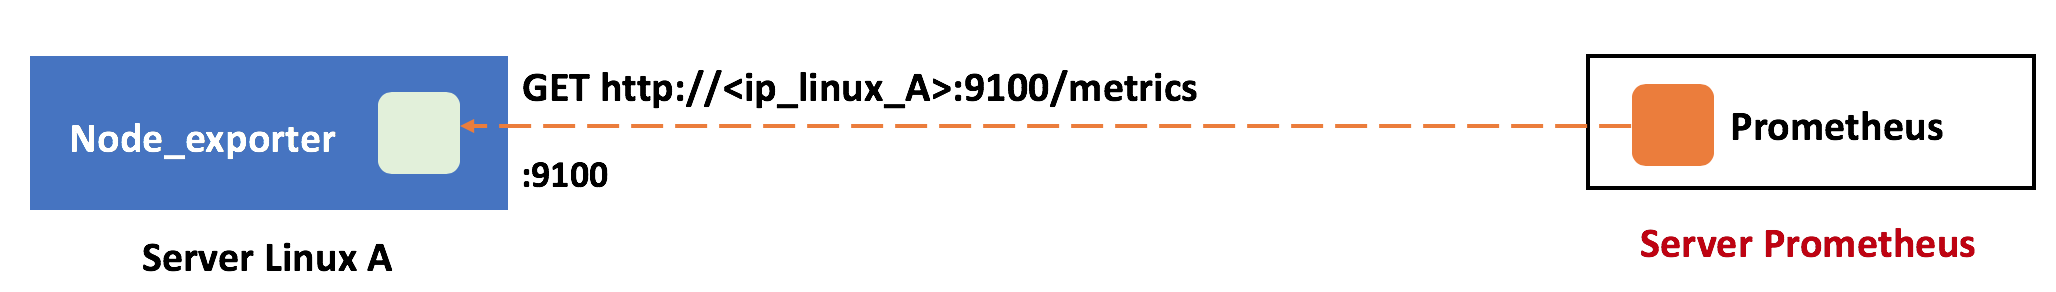 curl node exporter metrics